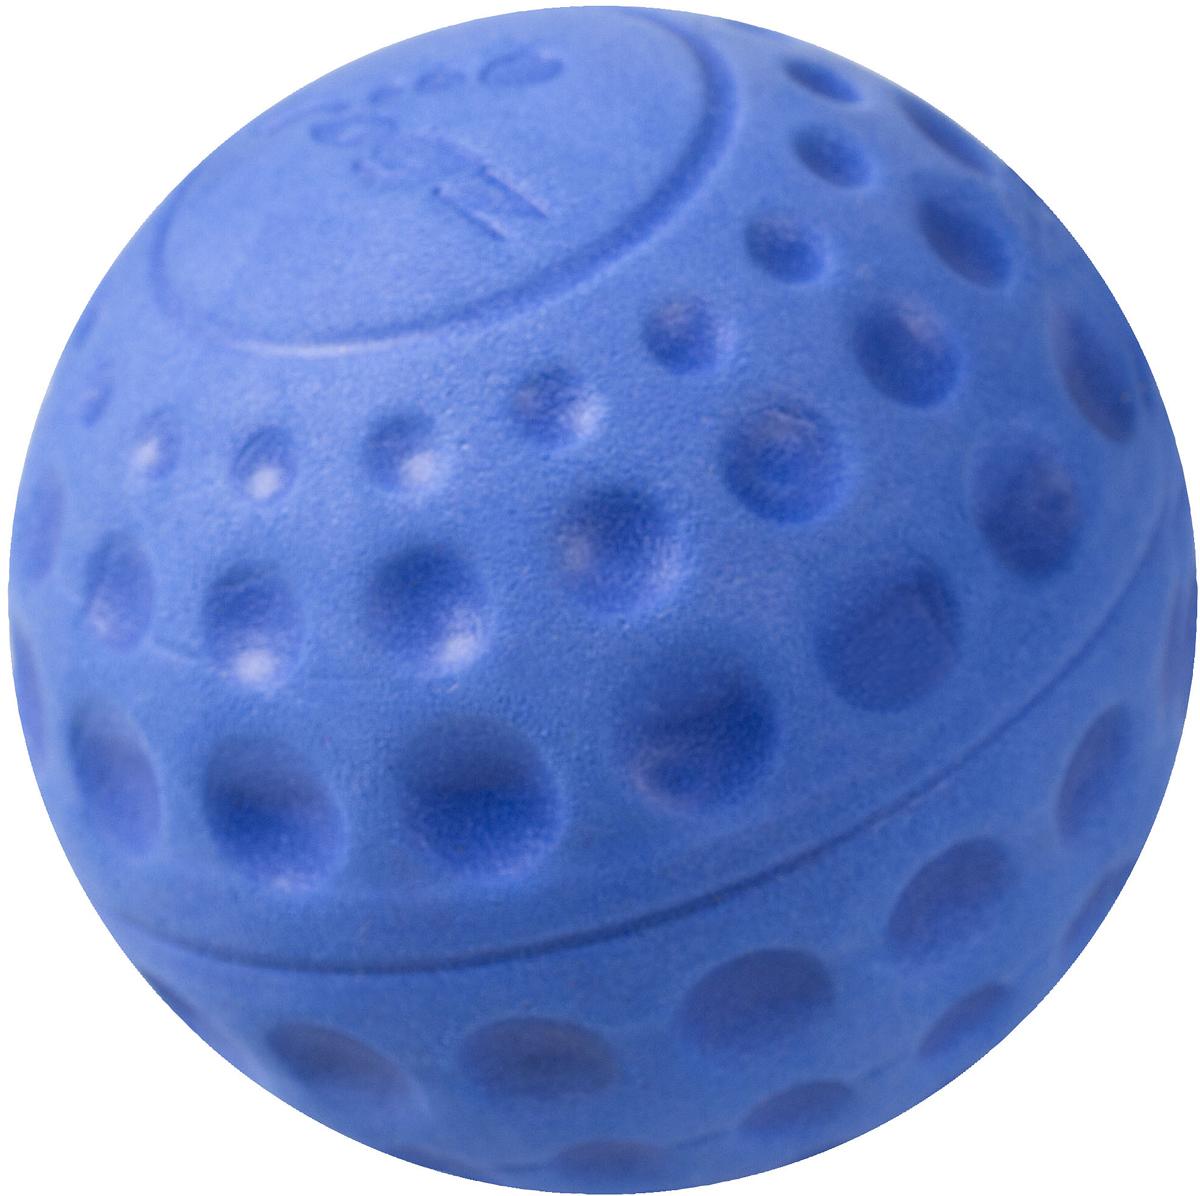 Игрушка для собак Rogz Asteroidz, цвет: синий, диаметр 4,9 см0120710Мяч для собак Rogz Asteroidz предназначен для игры с хозяином Принеси.Мяч имеет небольшой вес, не травмирует десны, не повреждает зубы, удобно носить в пасти.Отличная упругость для подпрыгивания.Изготовлено из особого термоэластопласта Sebs, обеспечивающего великолепную плавучесть в воде, поэтому игрушка отлично подходит для игры в водоеме. Материал изделия: EVA (этиленвинилацетат) - легкий мелкопористый материал, похожий на застывшую пену.Не токсичен.